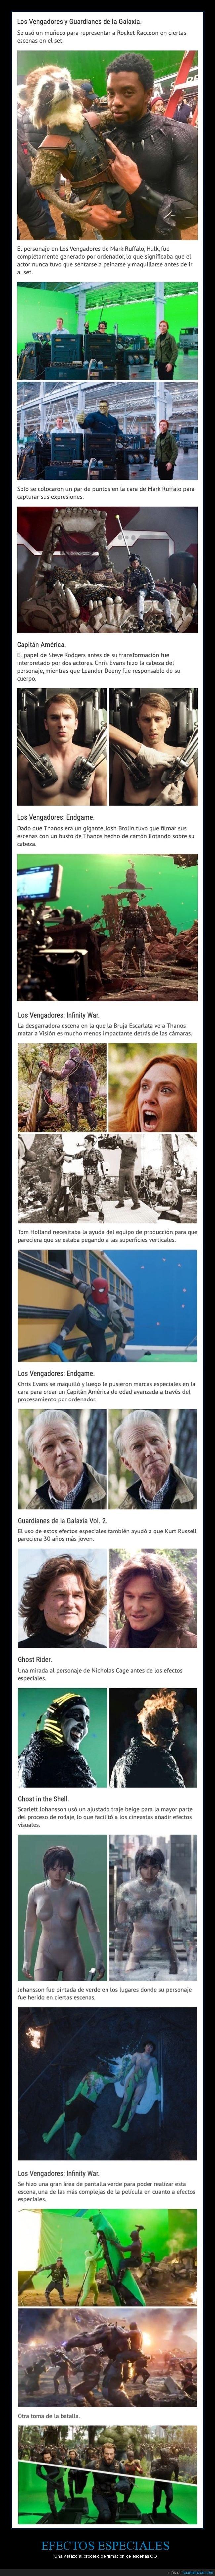 antes,cgi,cine,después,efectos especiales